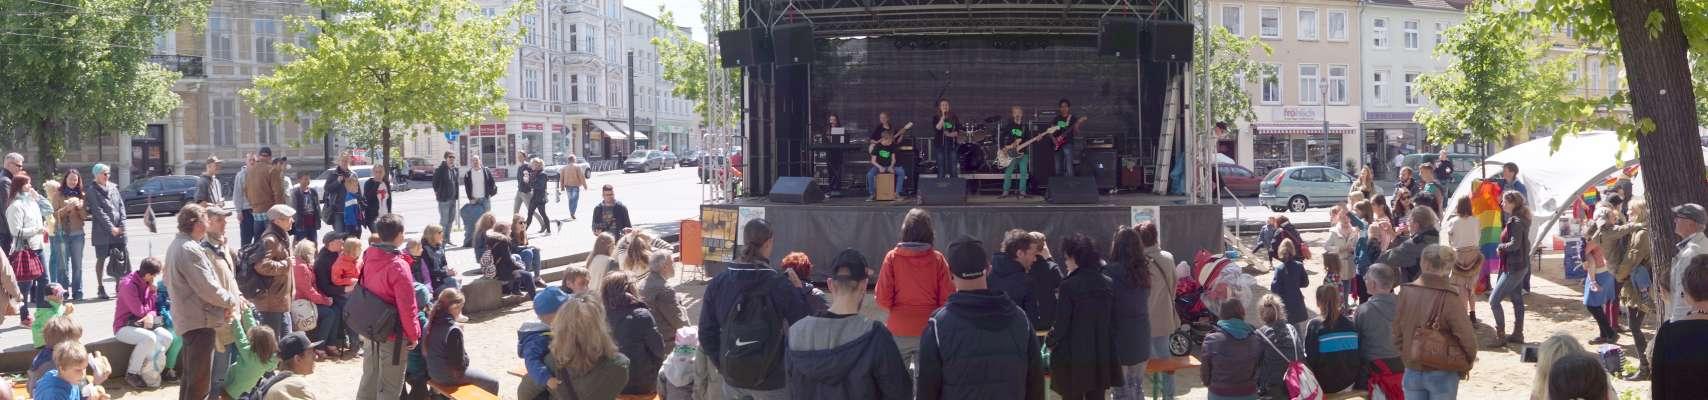 KTV Fest Rostock 2015